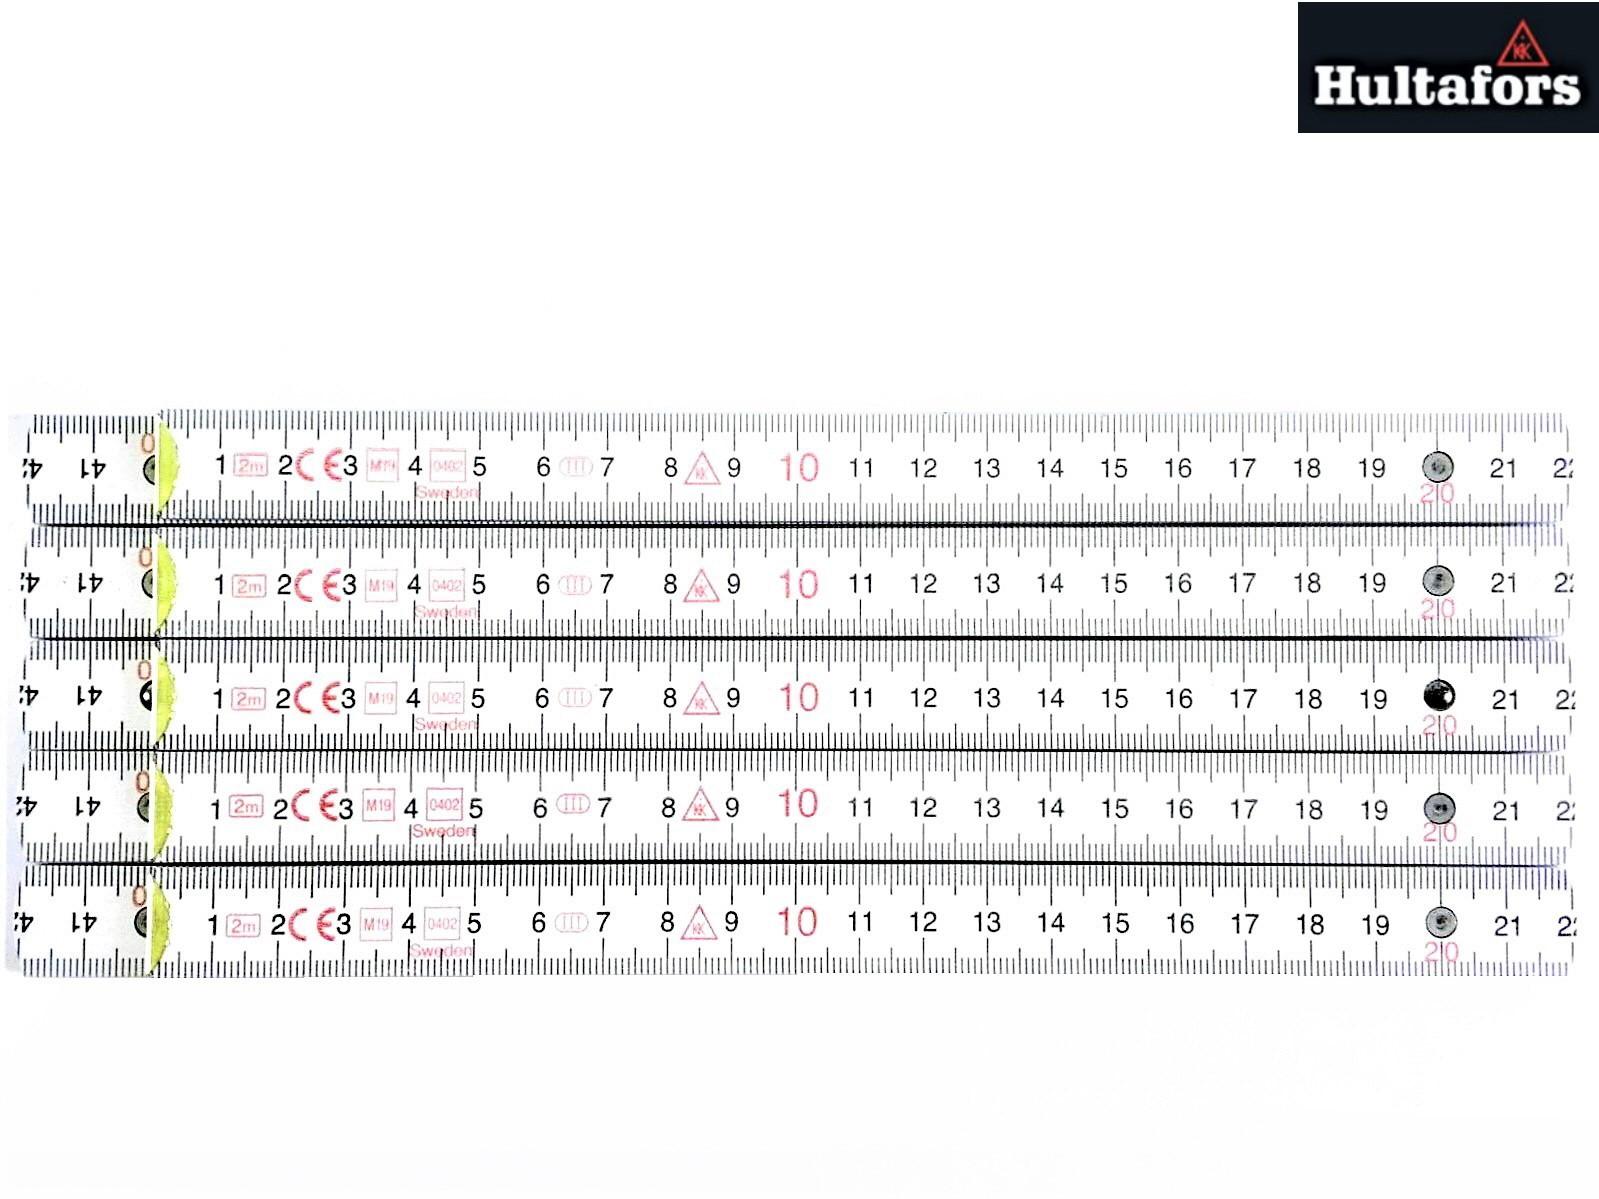 5x Hultafors Profi Schmiegen 2m Holz Dezimeter rot weiss Duplex-Winkelgradskala